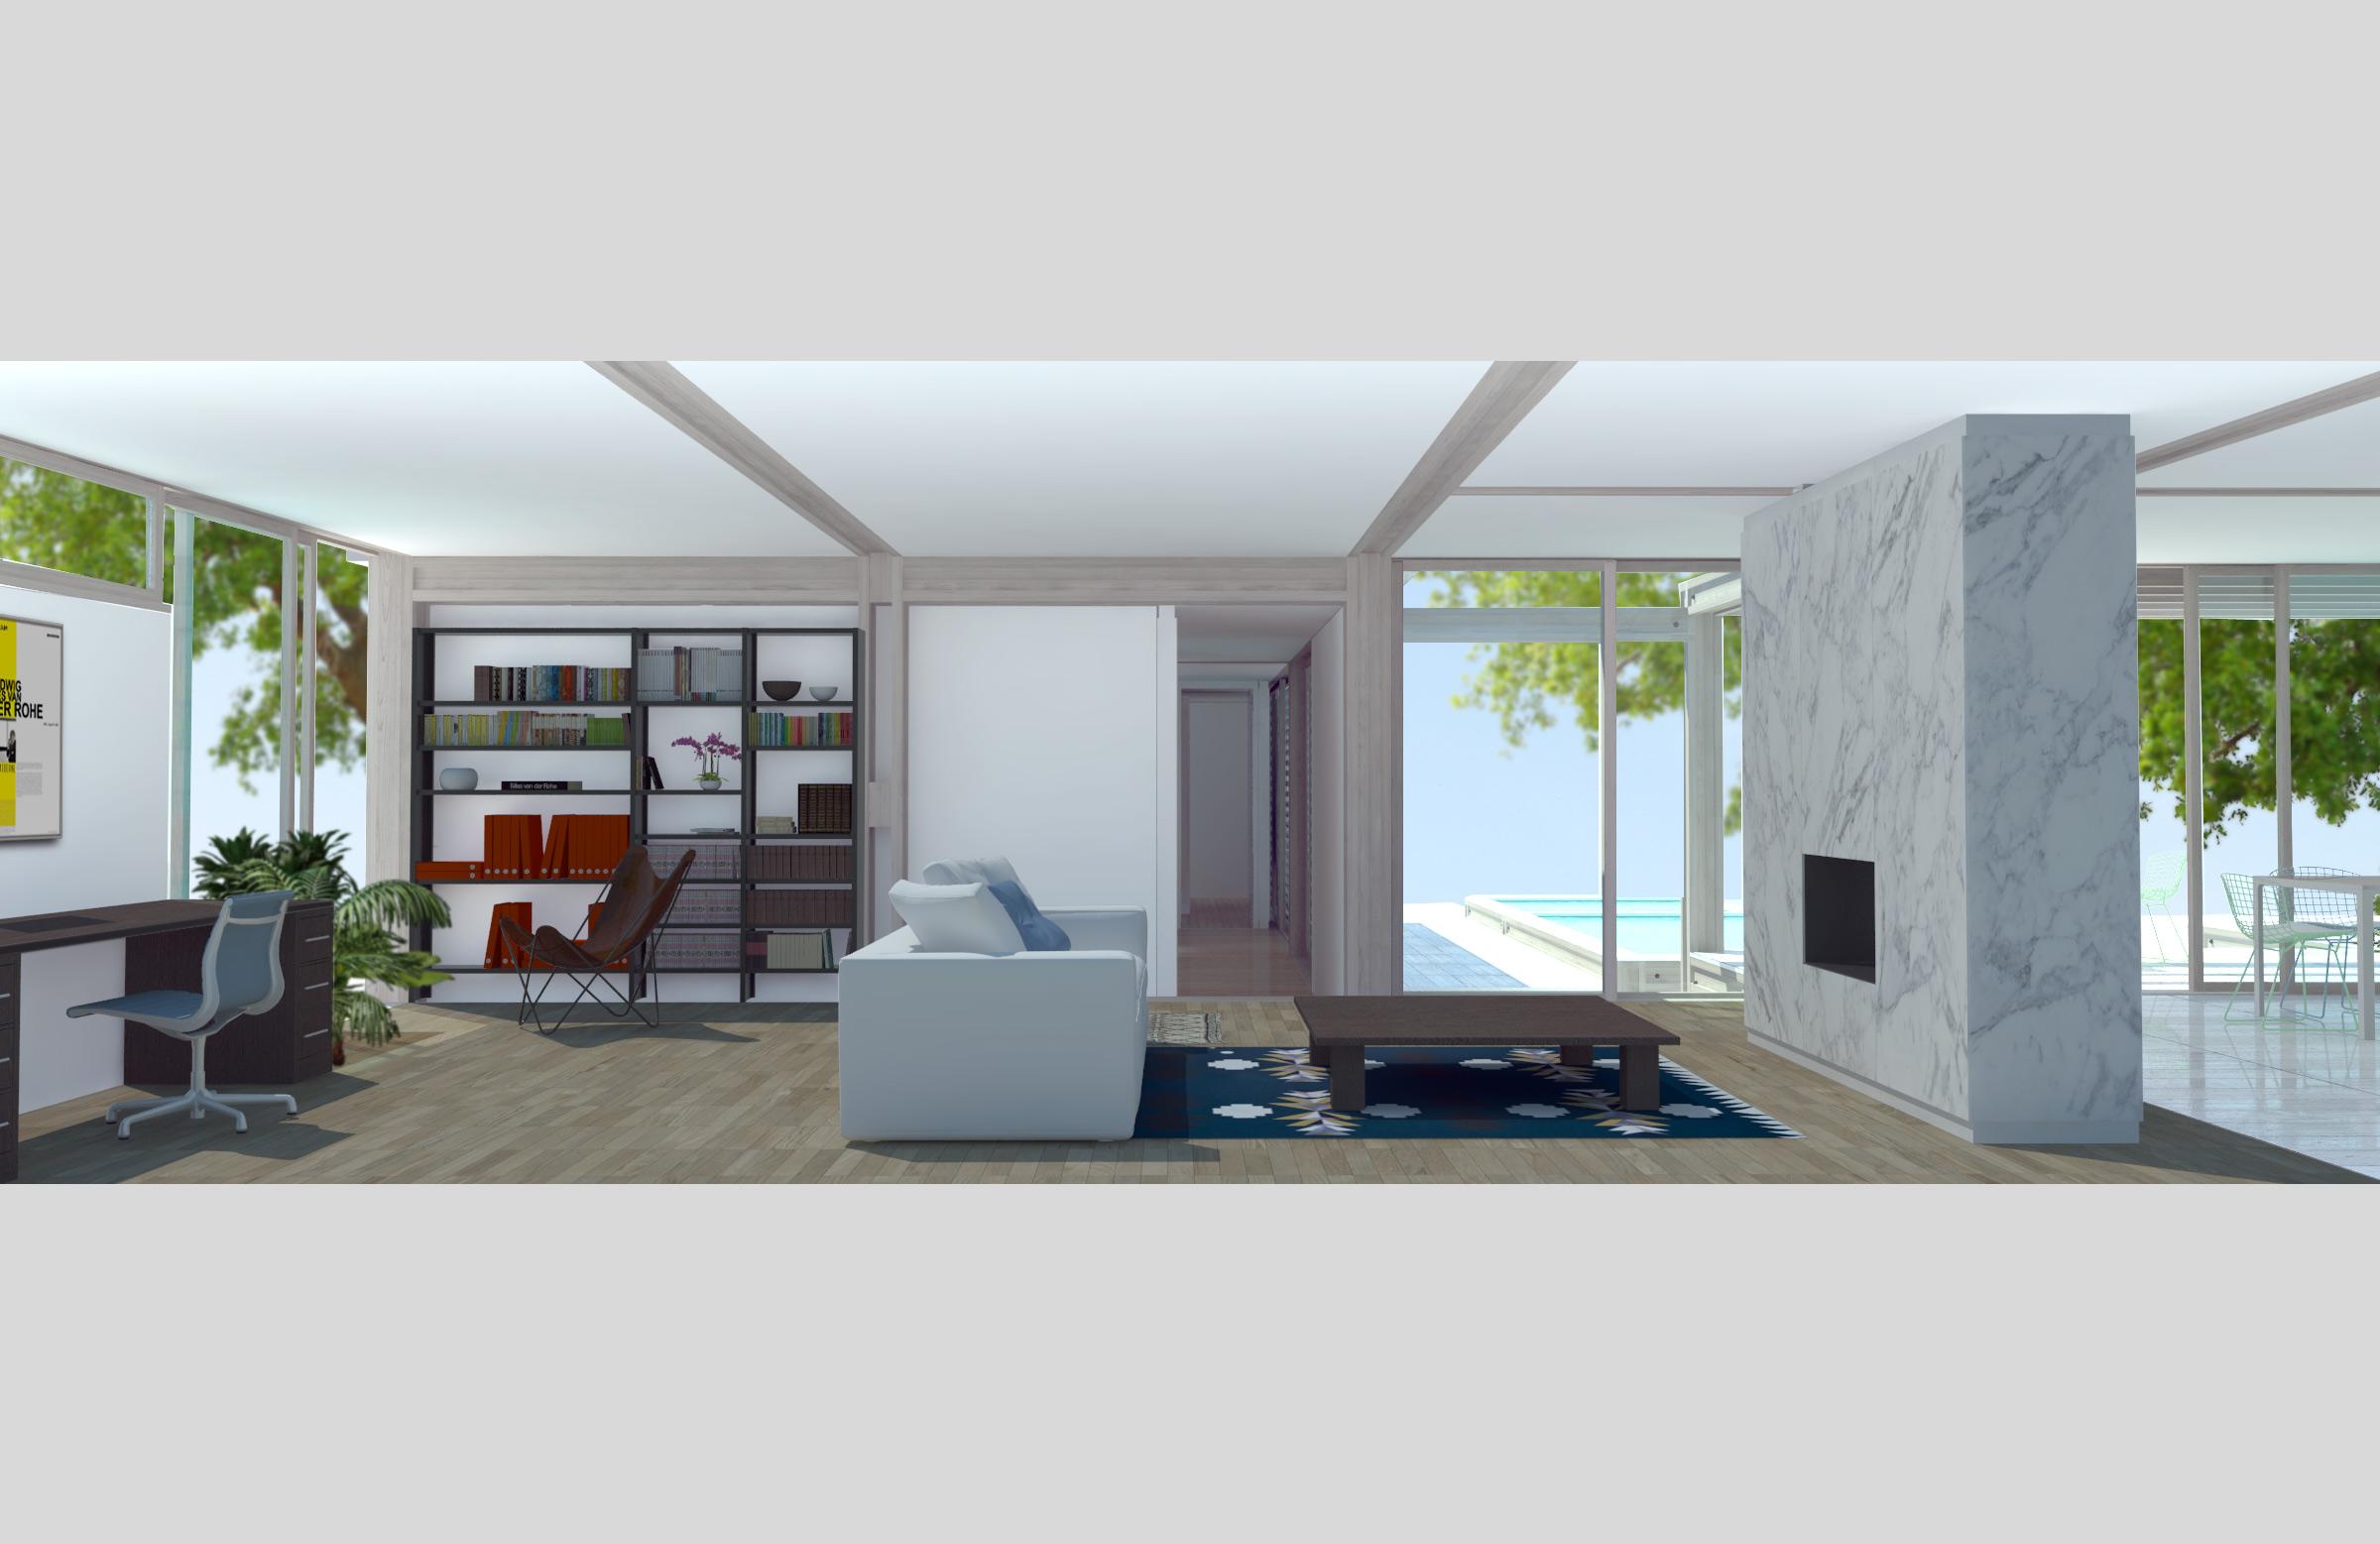 Au l 39 atelier universel projets maison for Application maison